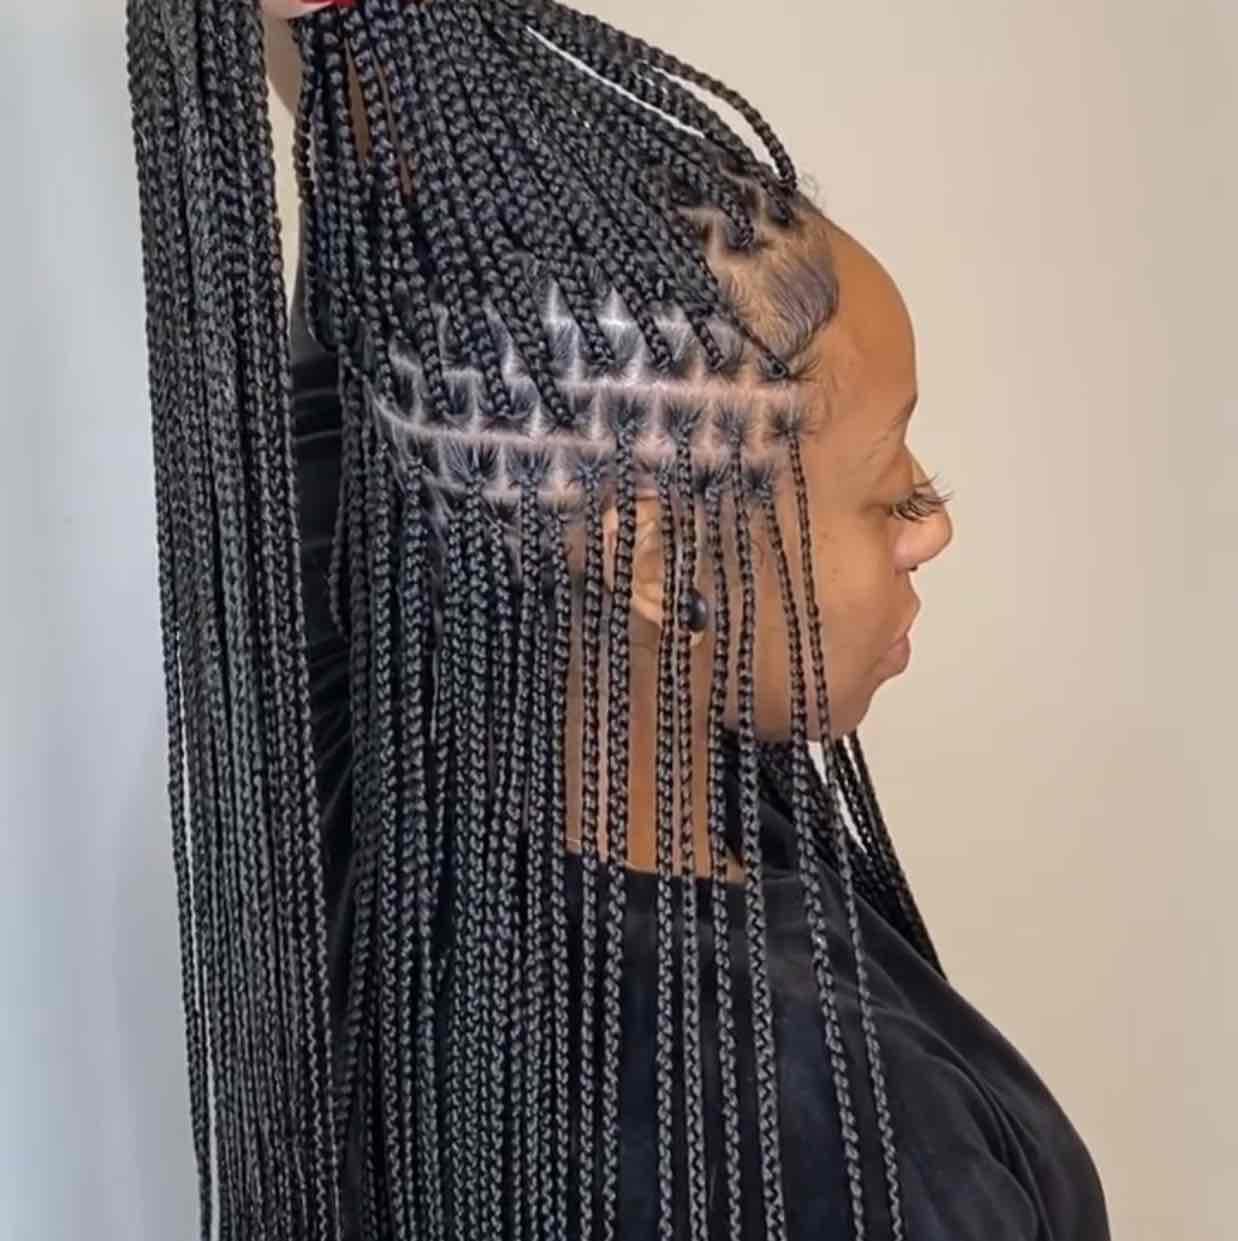 salon de coiffure afro tresse tresses box braids crochet braids vanilles tissages paris 75 77 78 91 92 93 94 95 MPWBMSKH